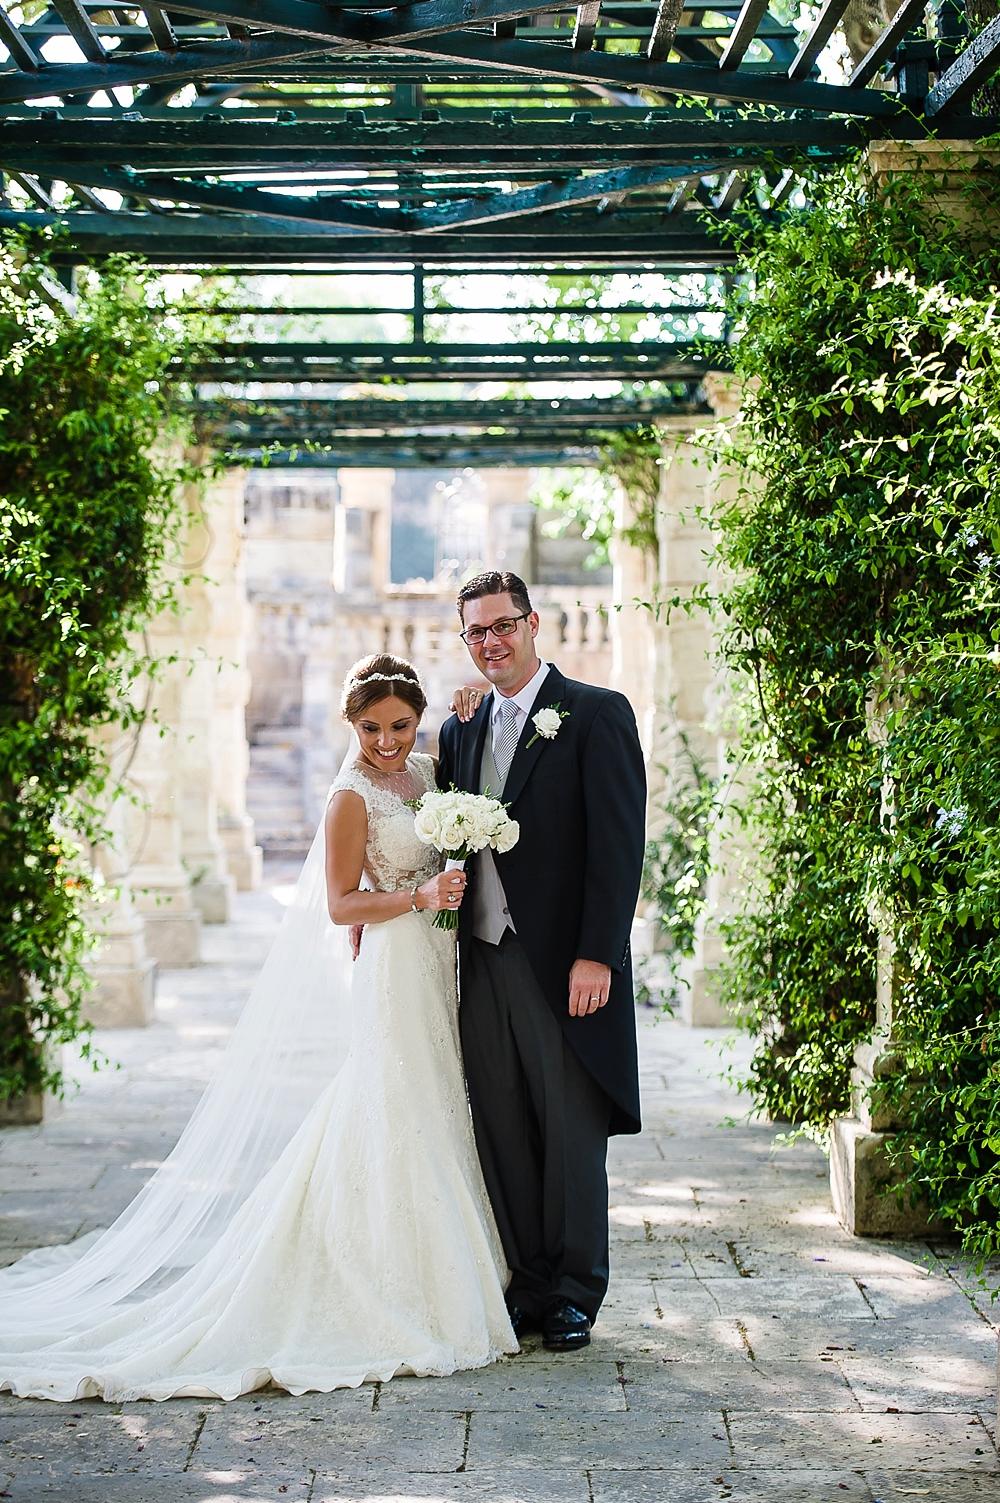 Wedding at Villa Bologna Malta - Wedding Photographer Malta